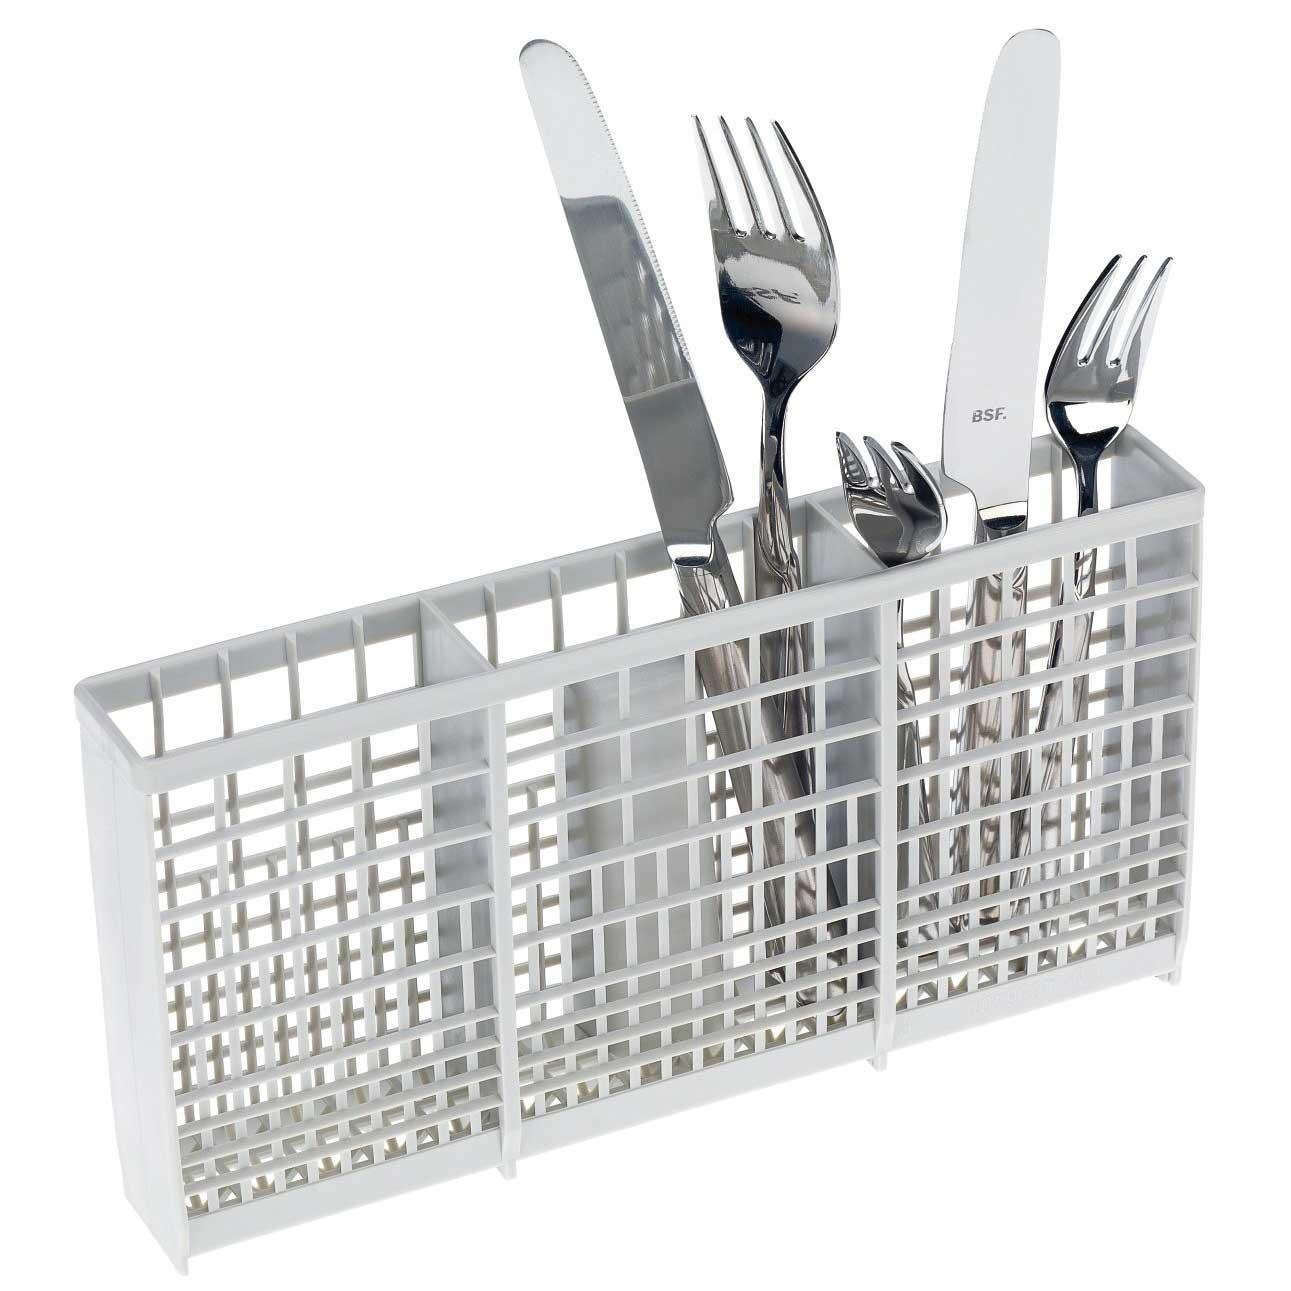 Miele GBU small cutlery basket